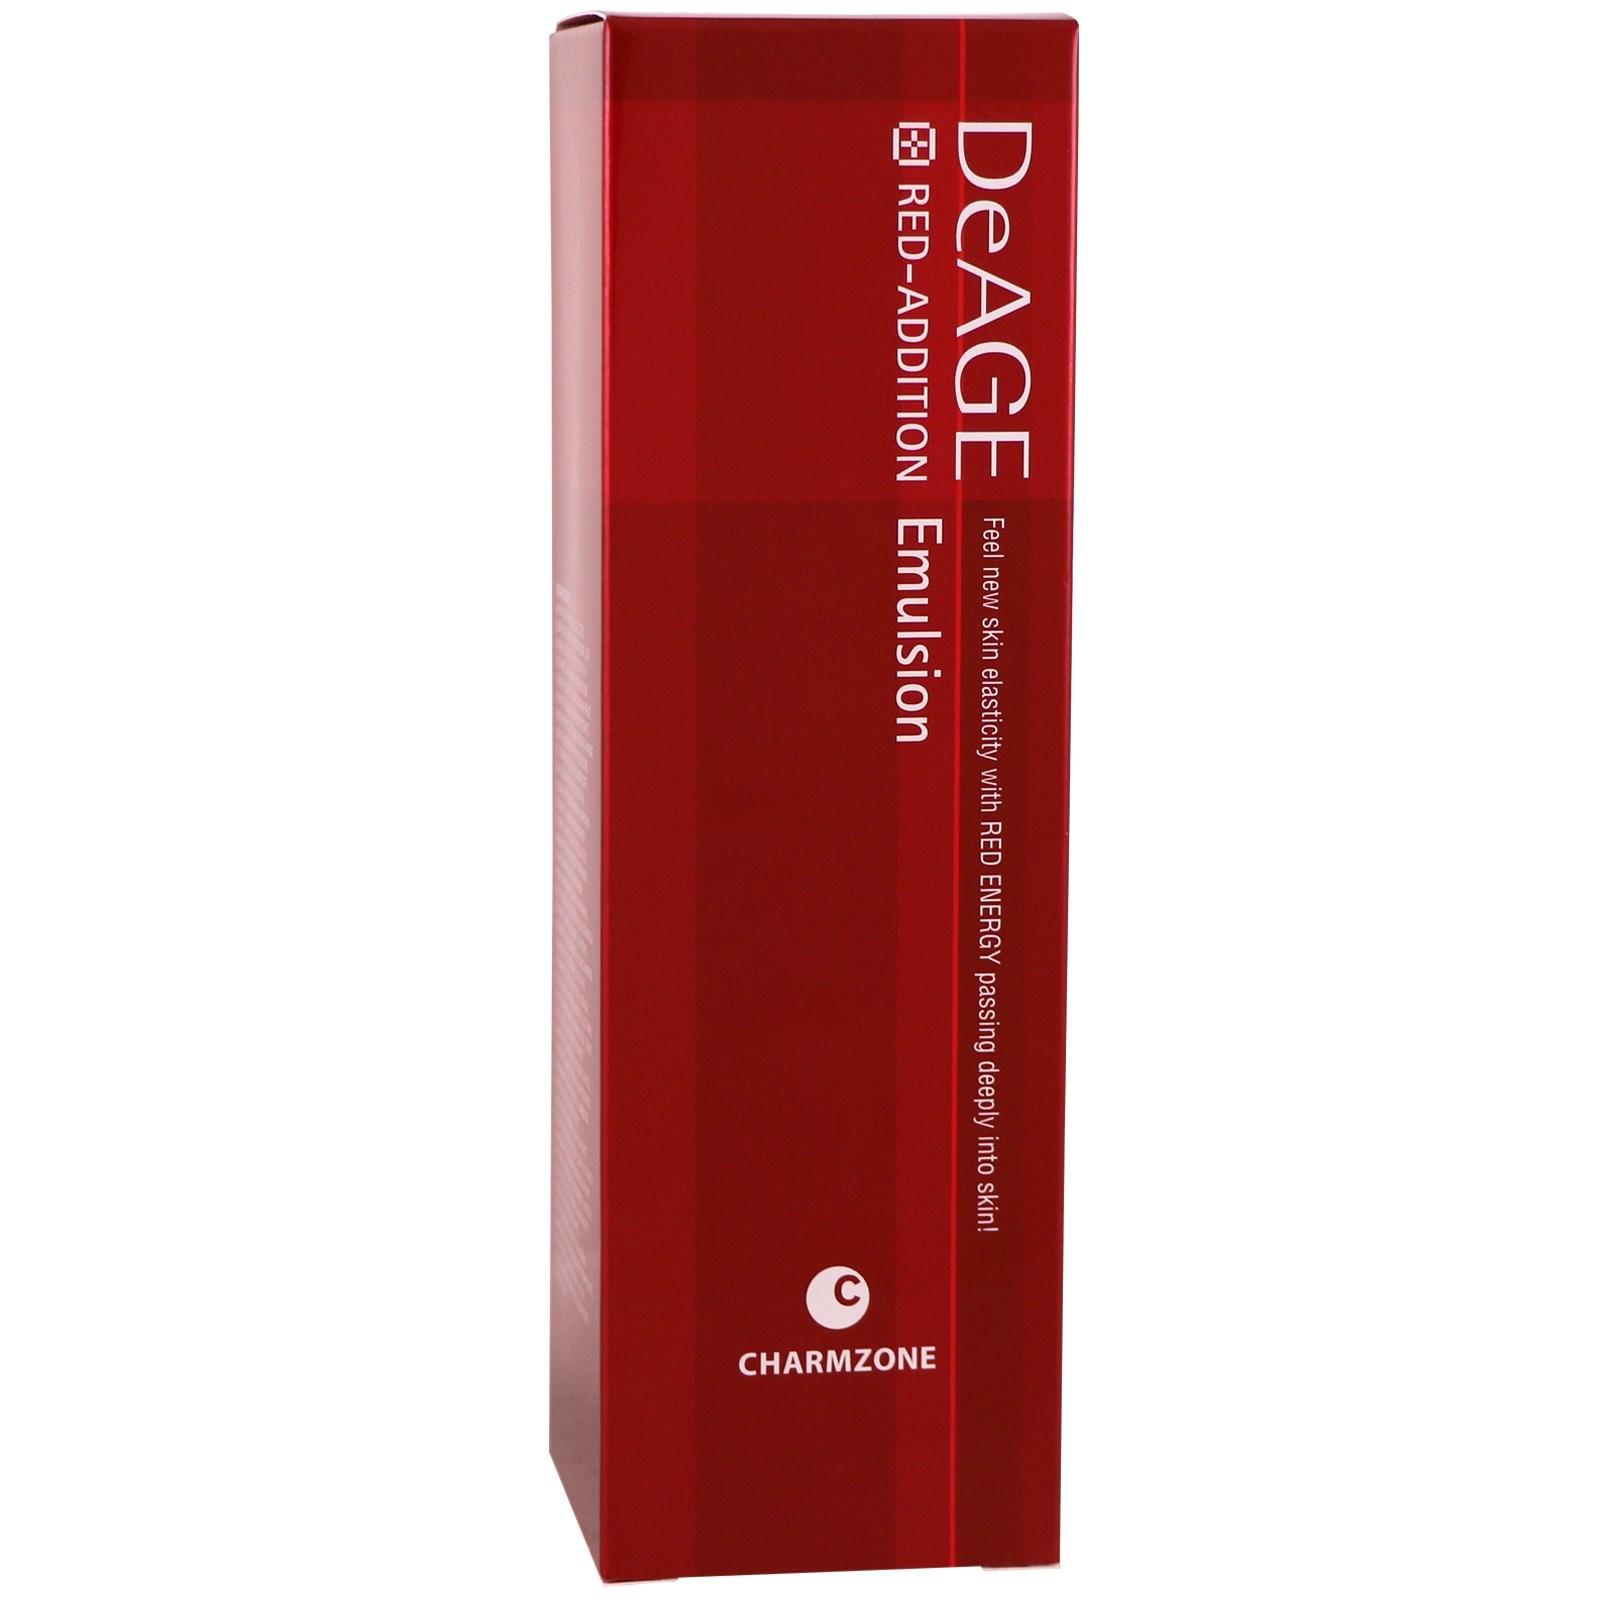 Charmzone, DeAge, Red-Addition, Emulsion, 4.39 fl oz (130 ml)